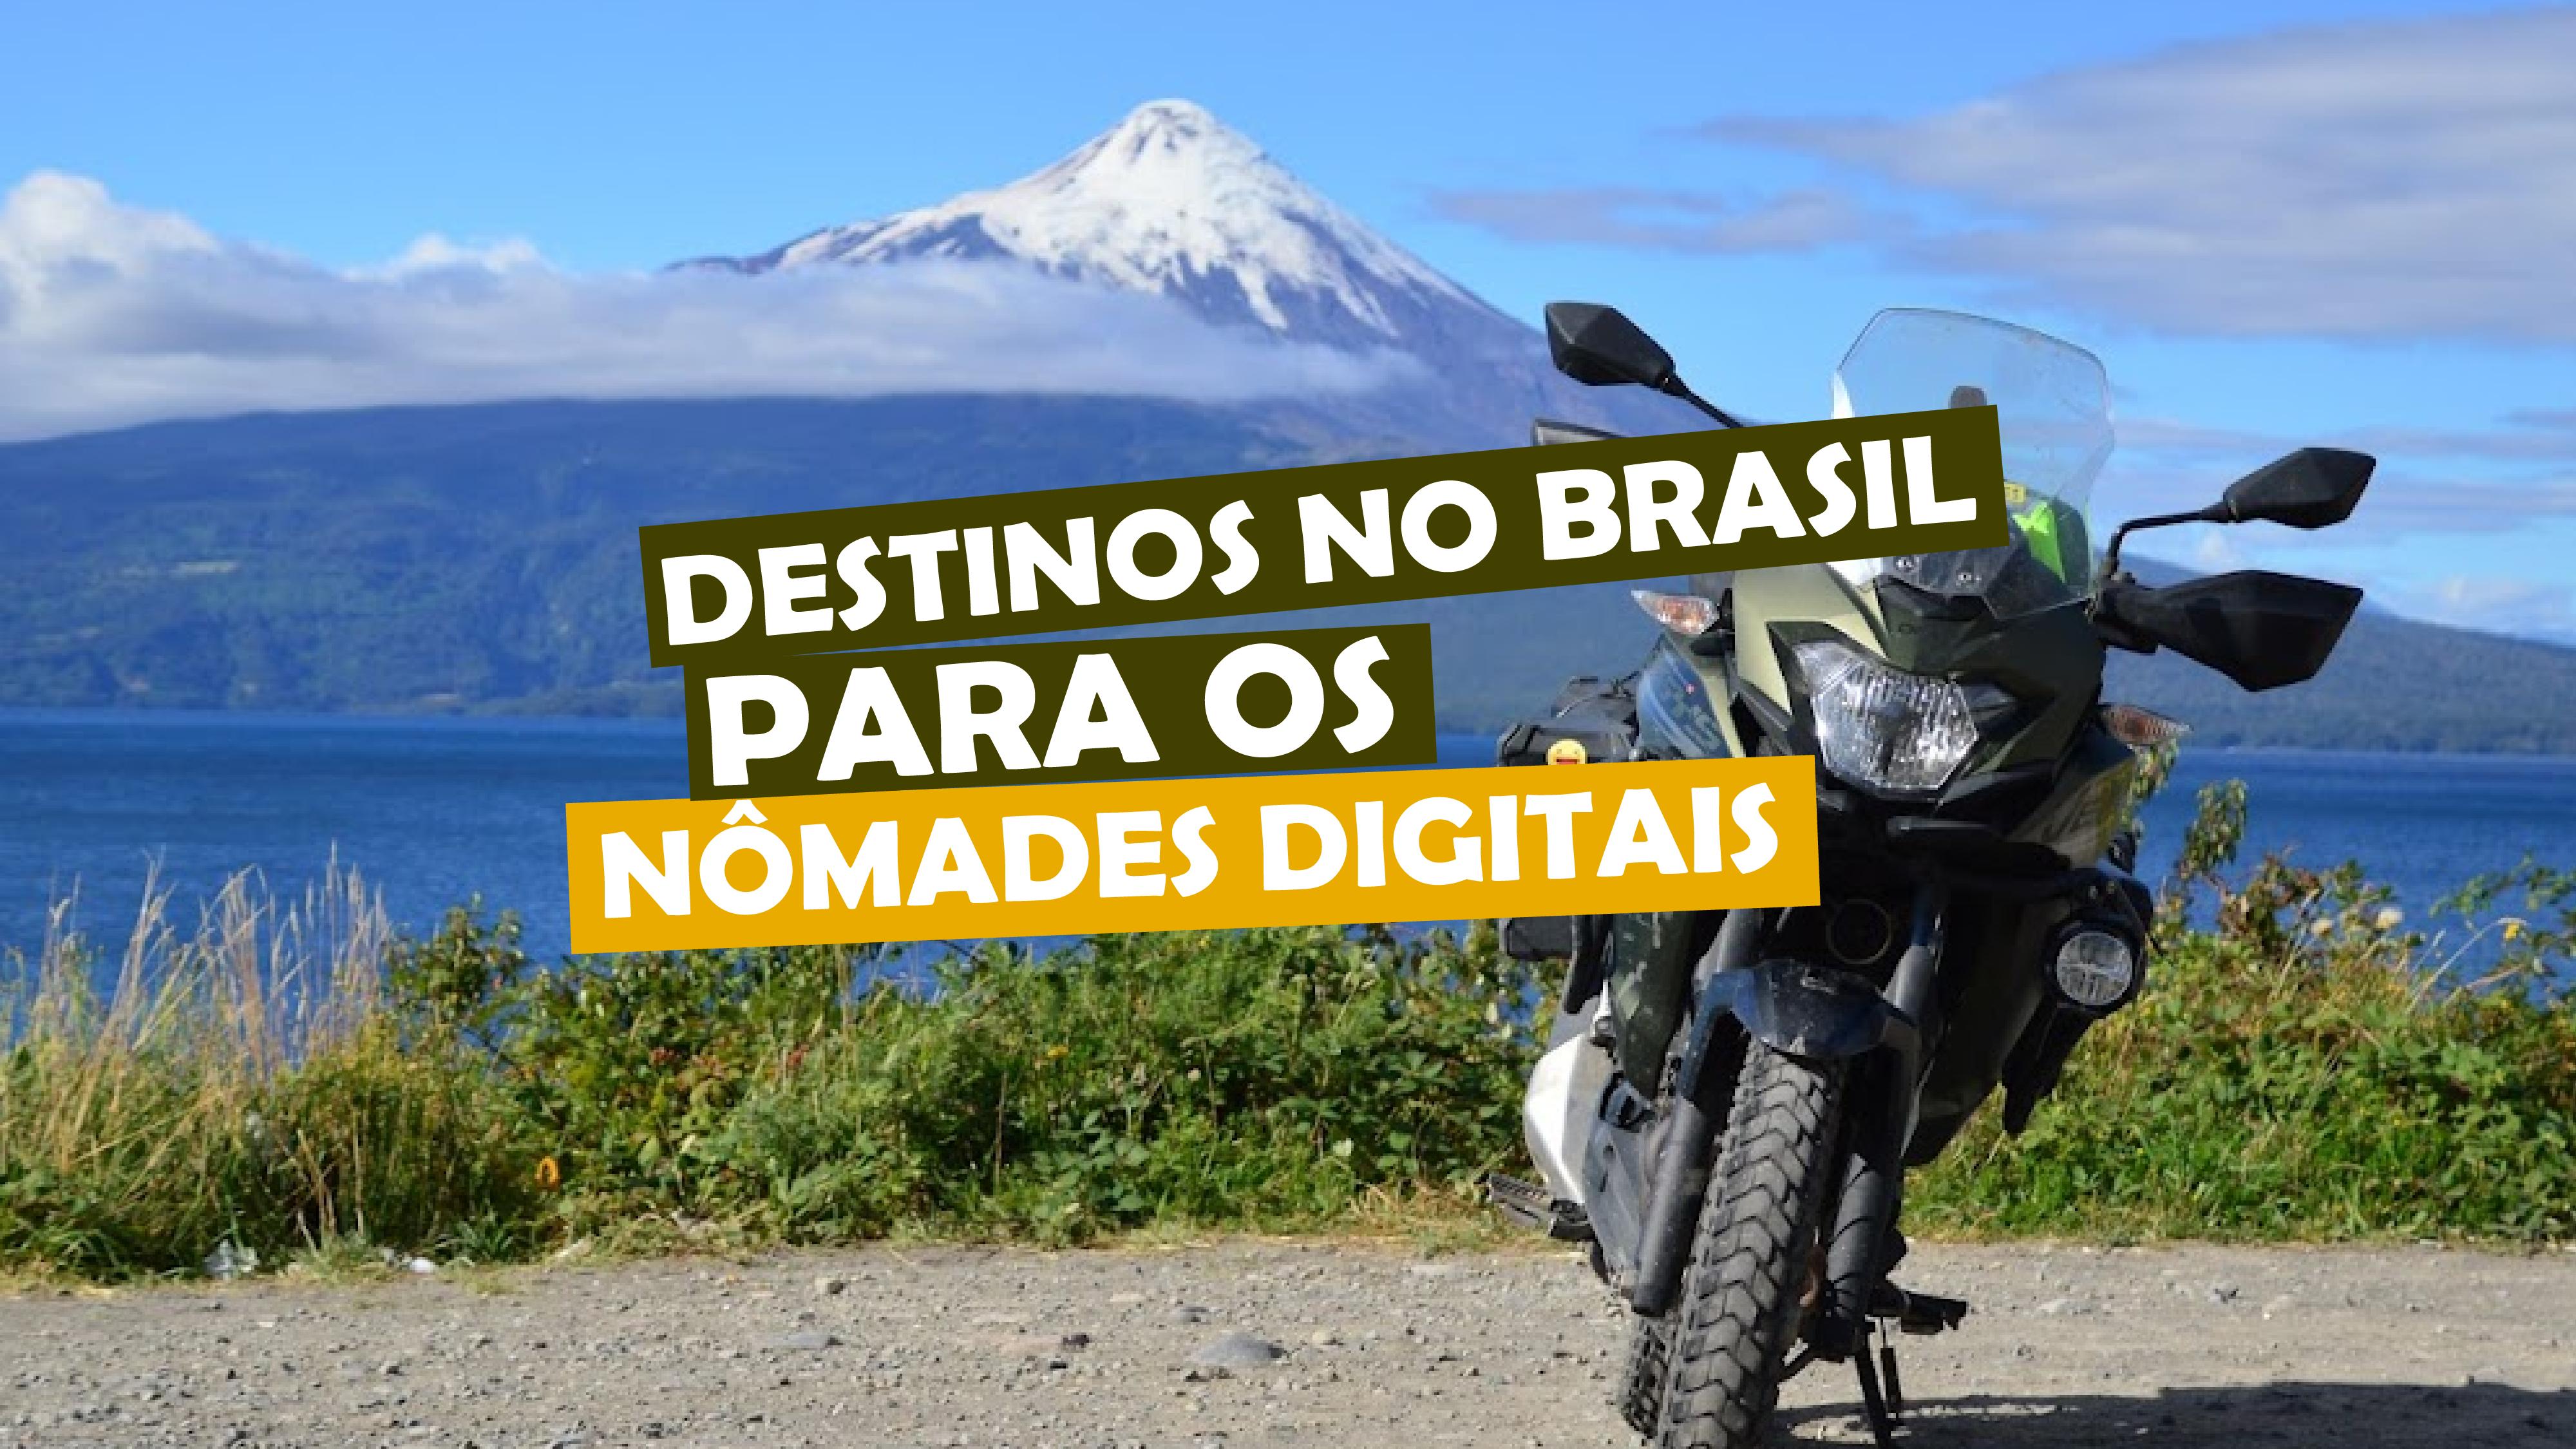 You are currently viewing destinos no Brasil para os nômades digitais